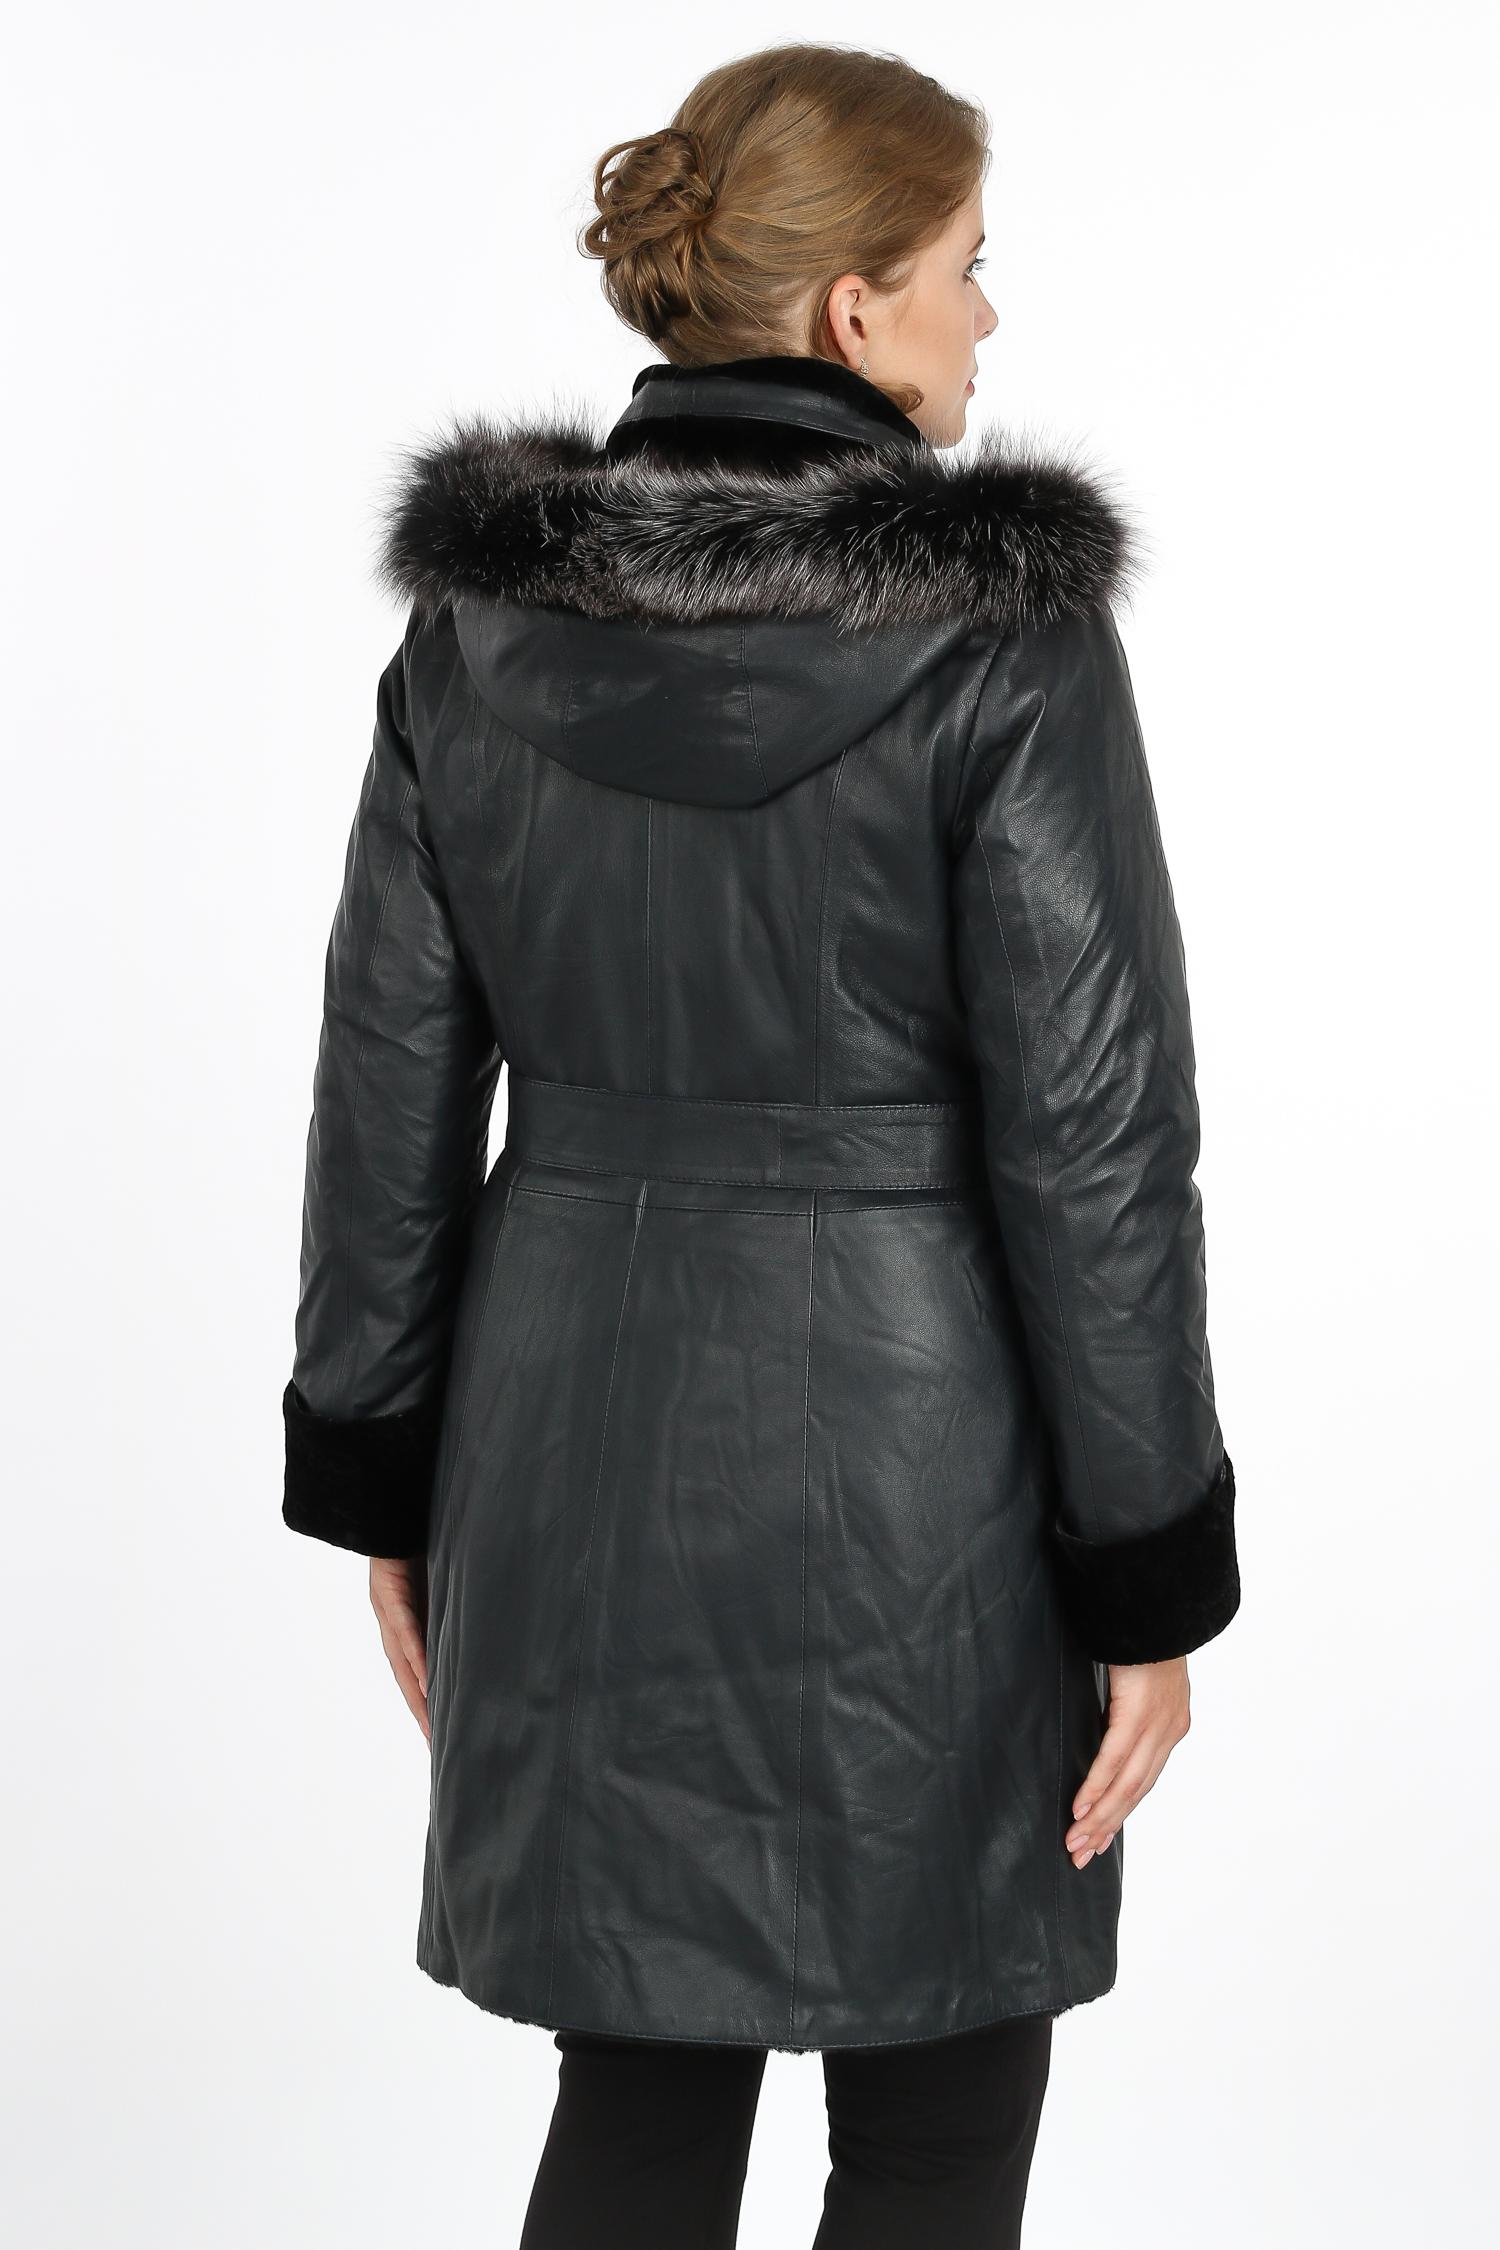 Женская кожаная куртка из натуральной кожи на меху с капюшоном, отделка блюфрост